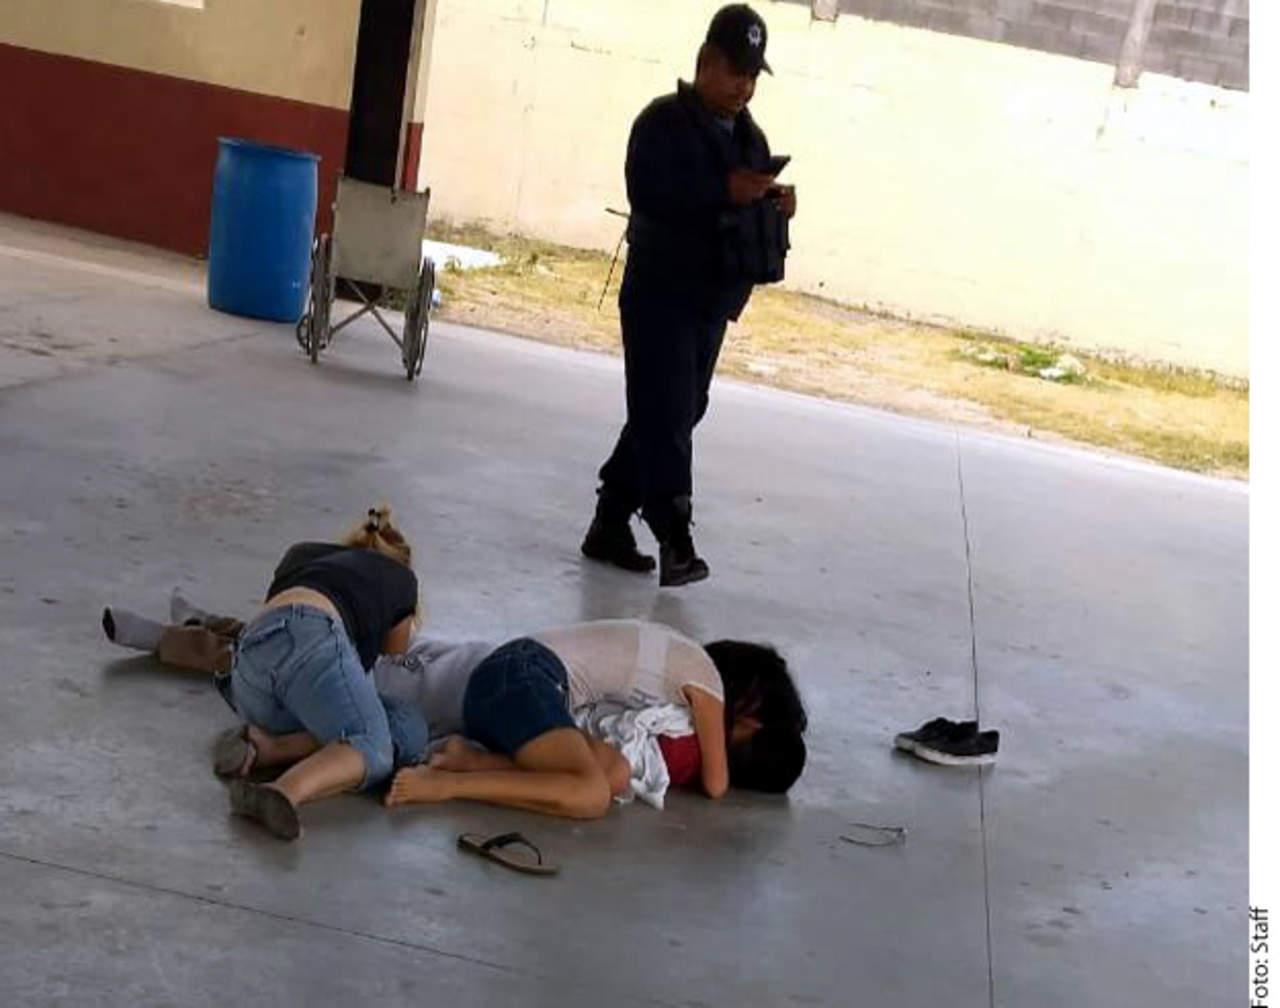 Mata bala perdida a niño en su escuela en Reynosa